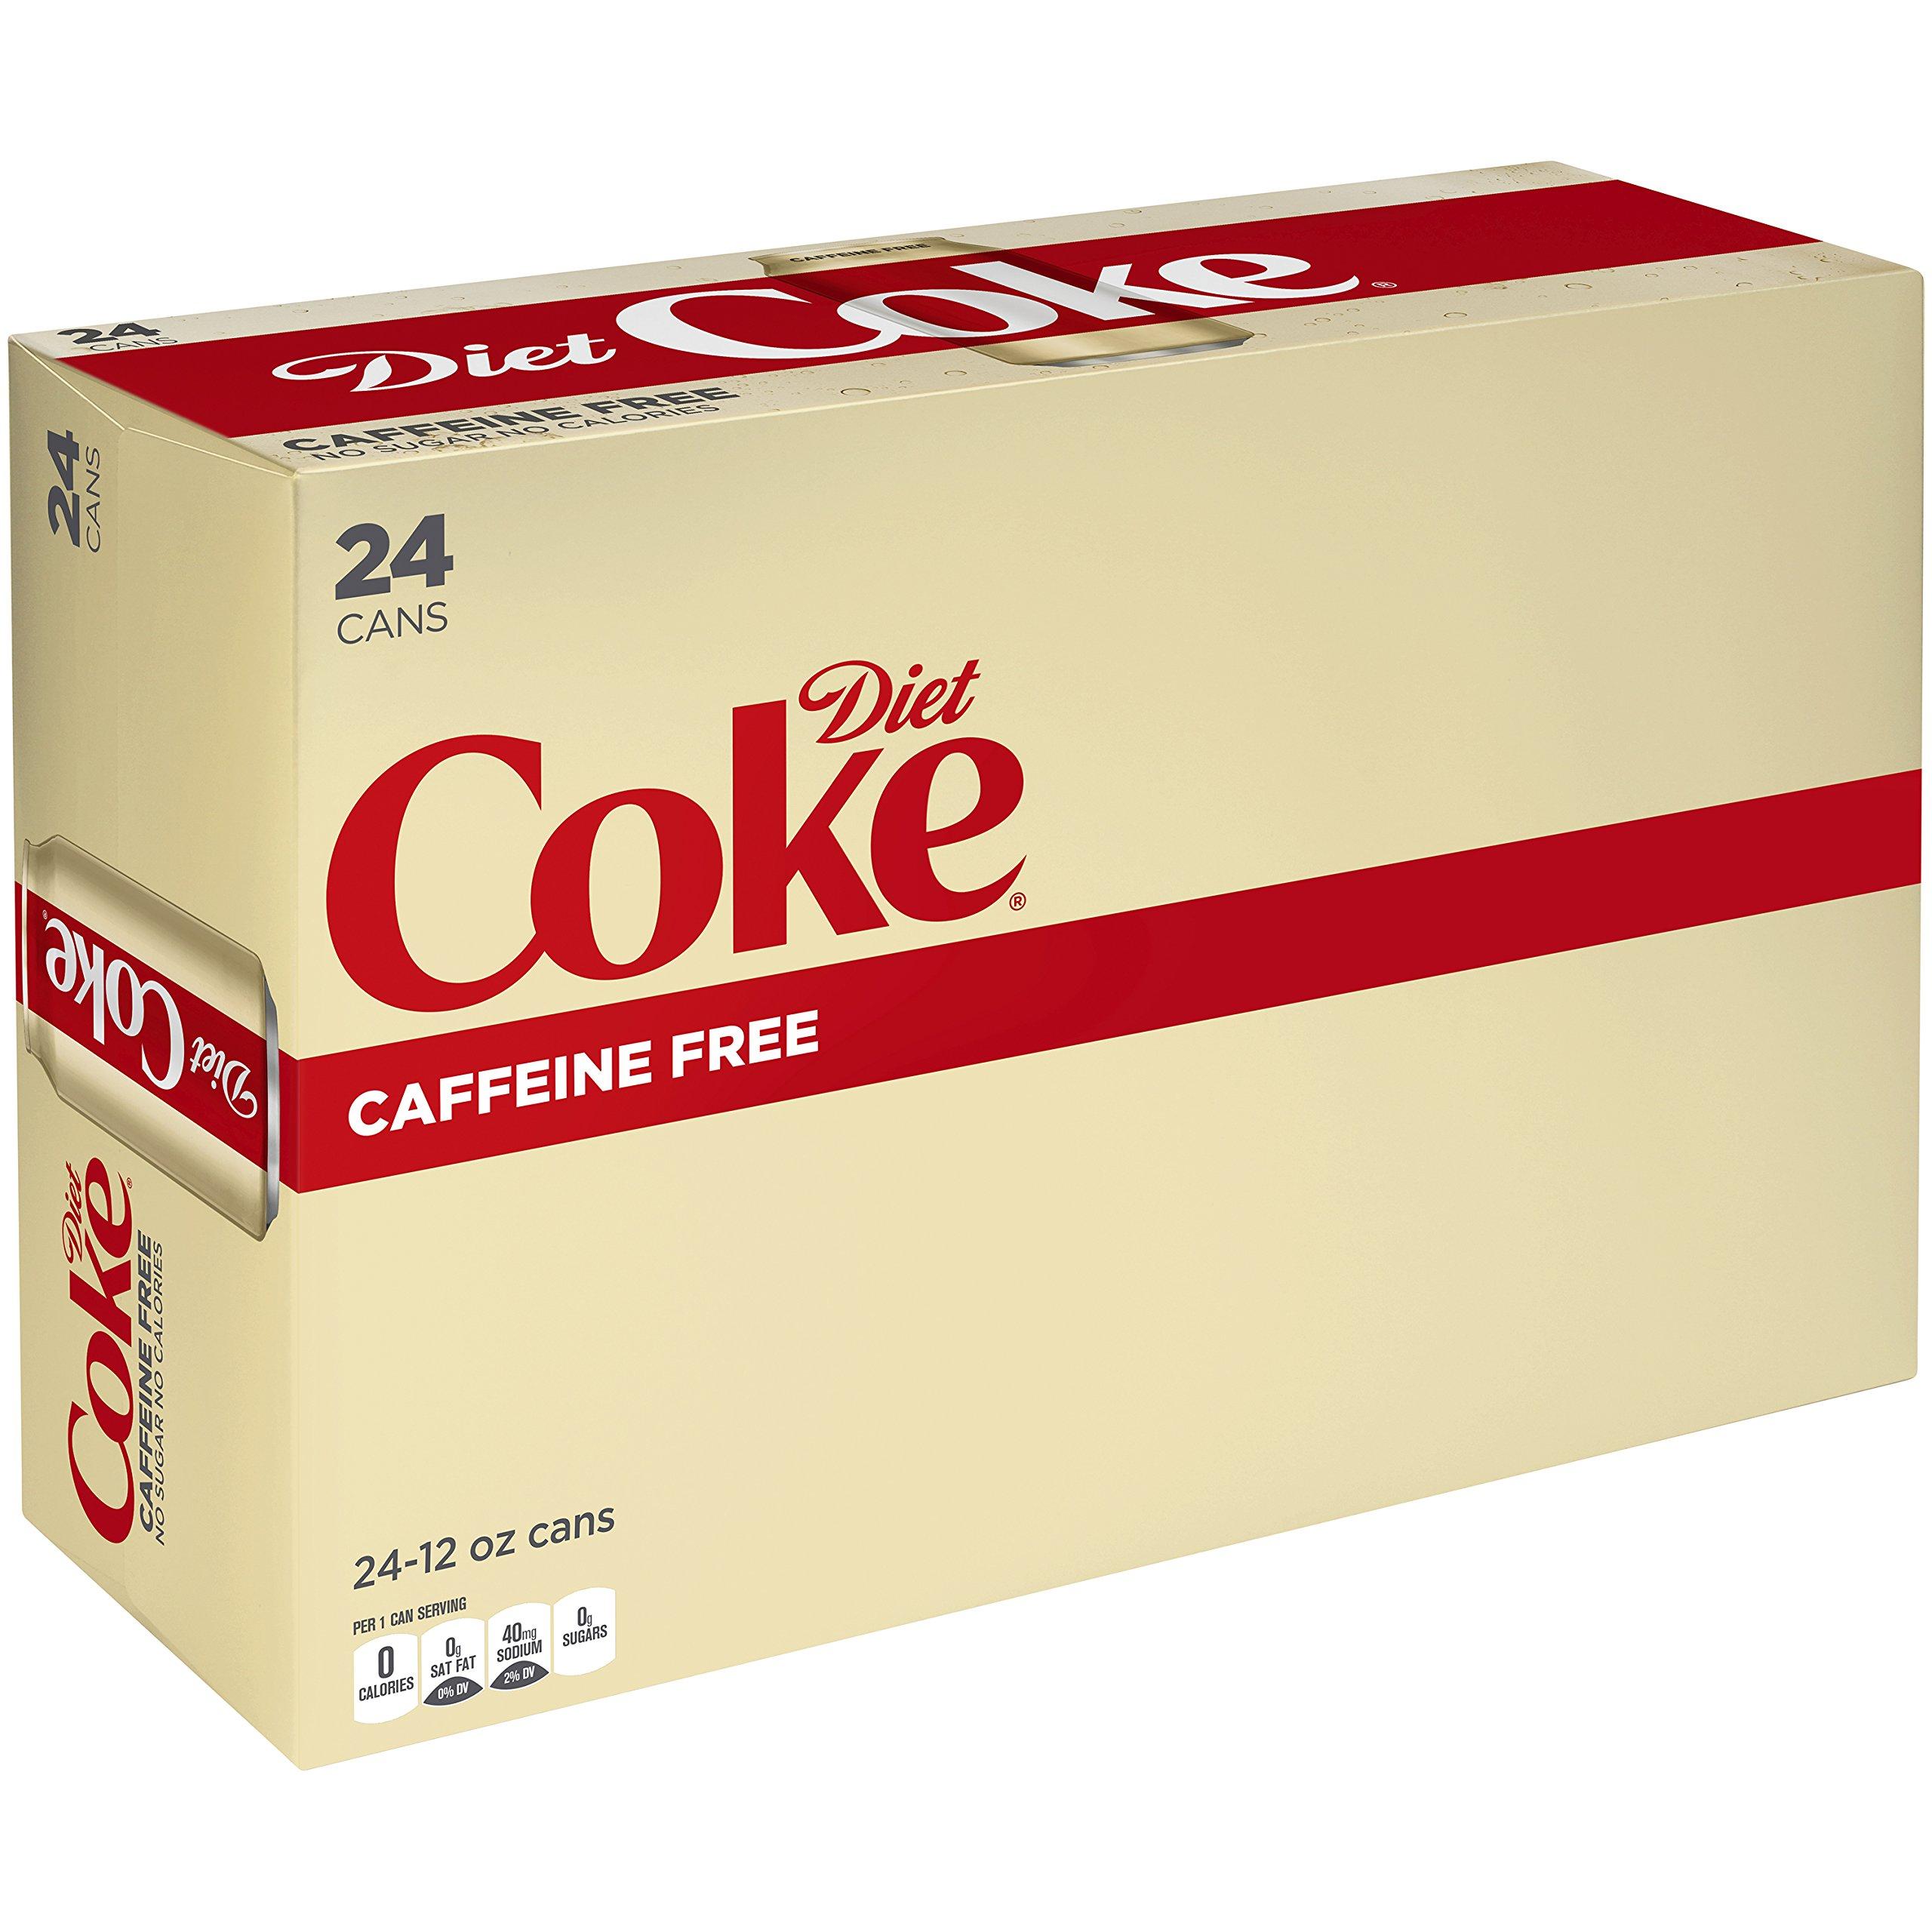 Diet Coke Caffeine Free Soda Soft Drink, 12 fl oz, 24 Pack by Diet Coke